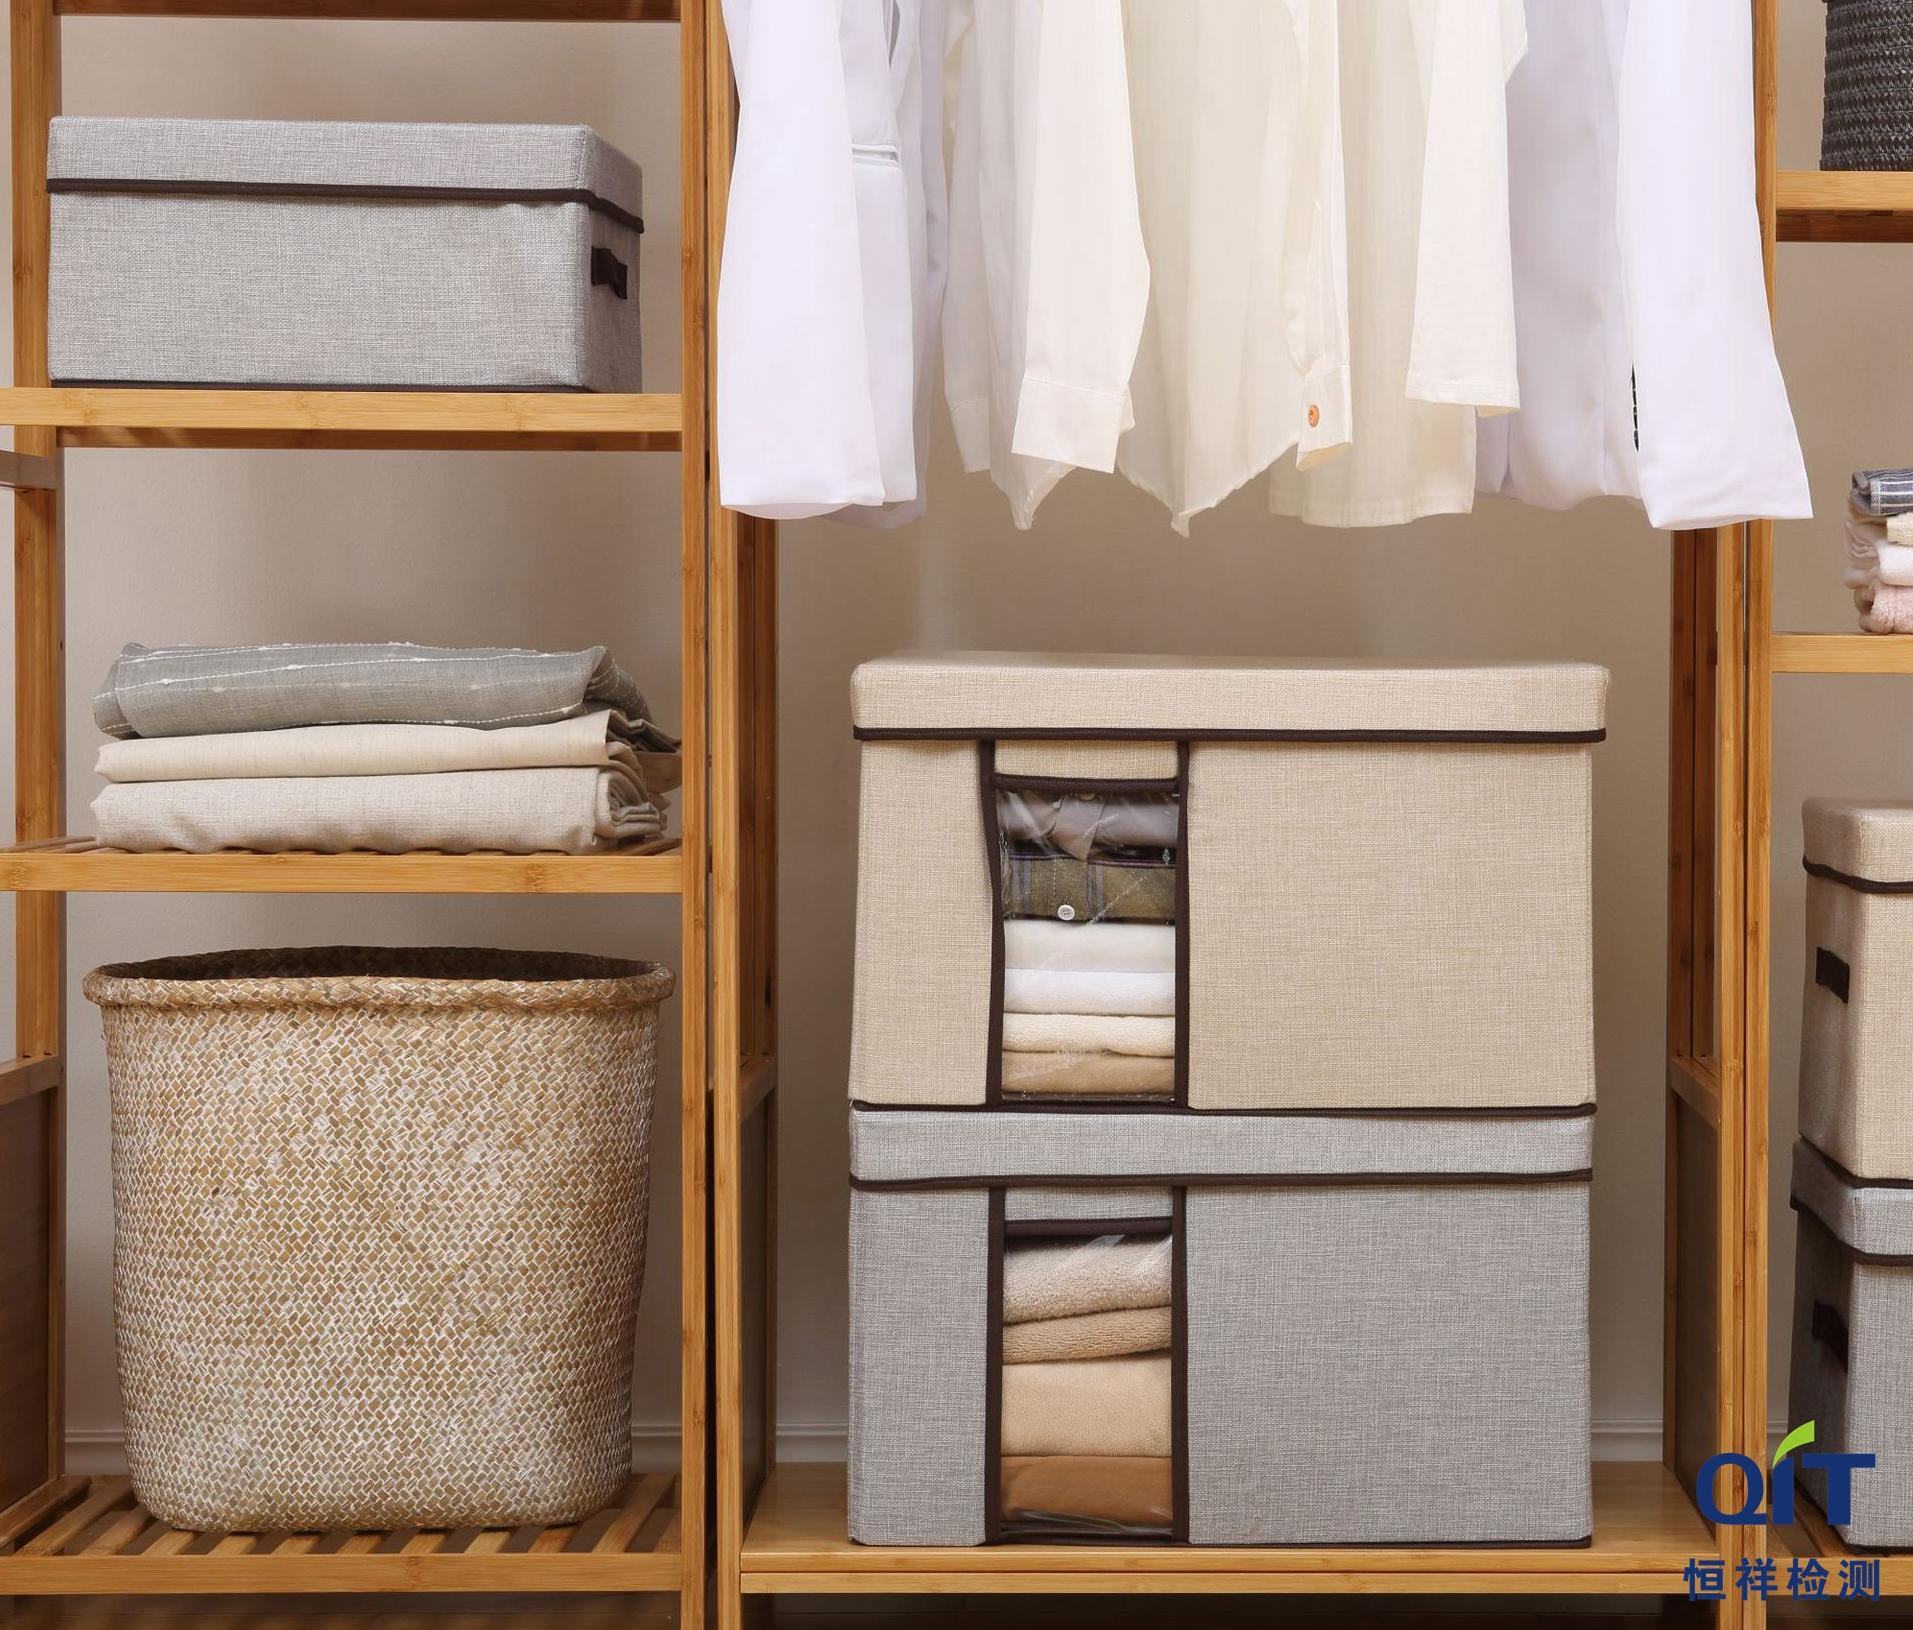 什么纺织产品建议标注使用或储藏注意事项?